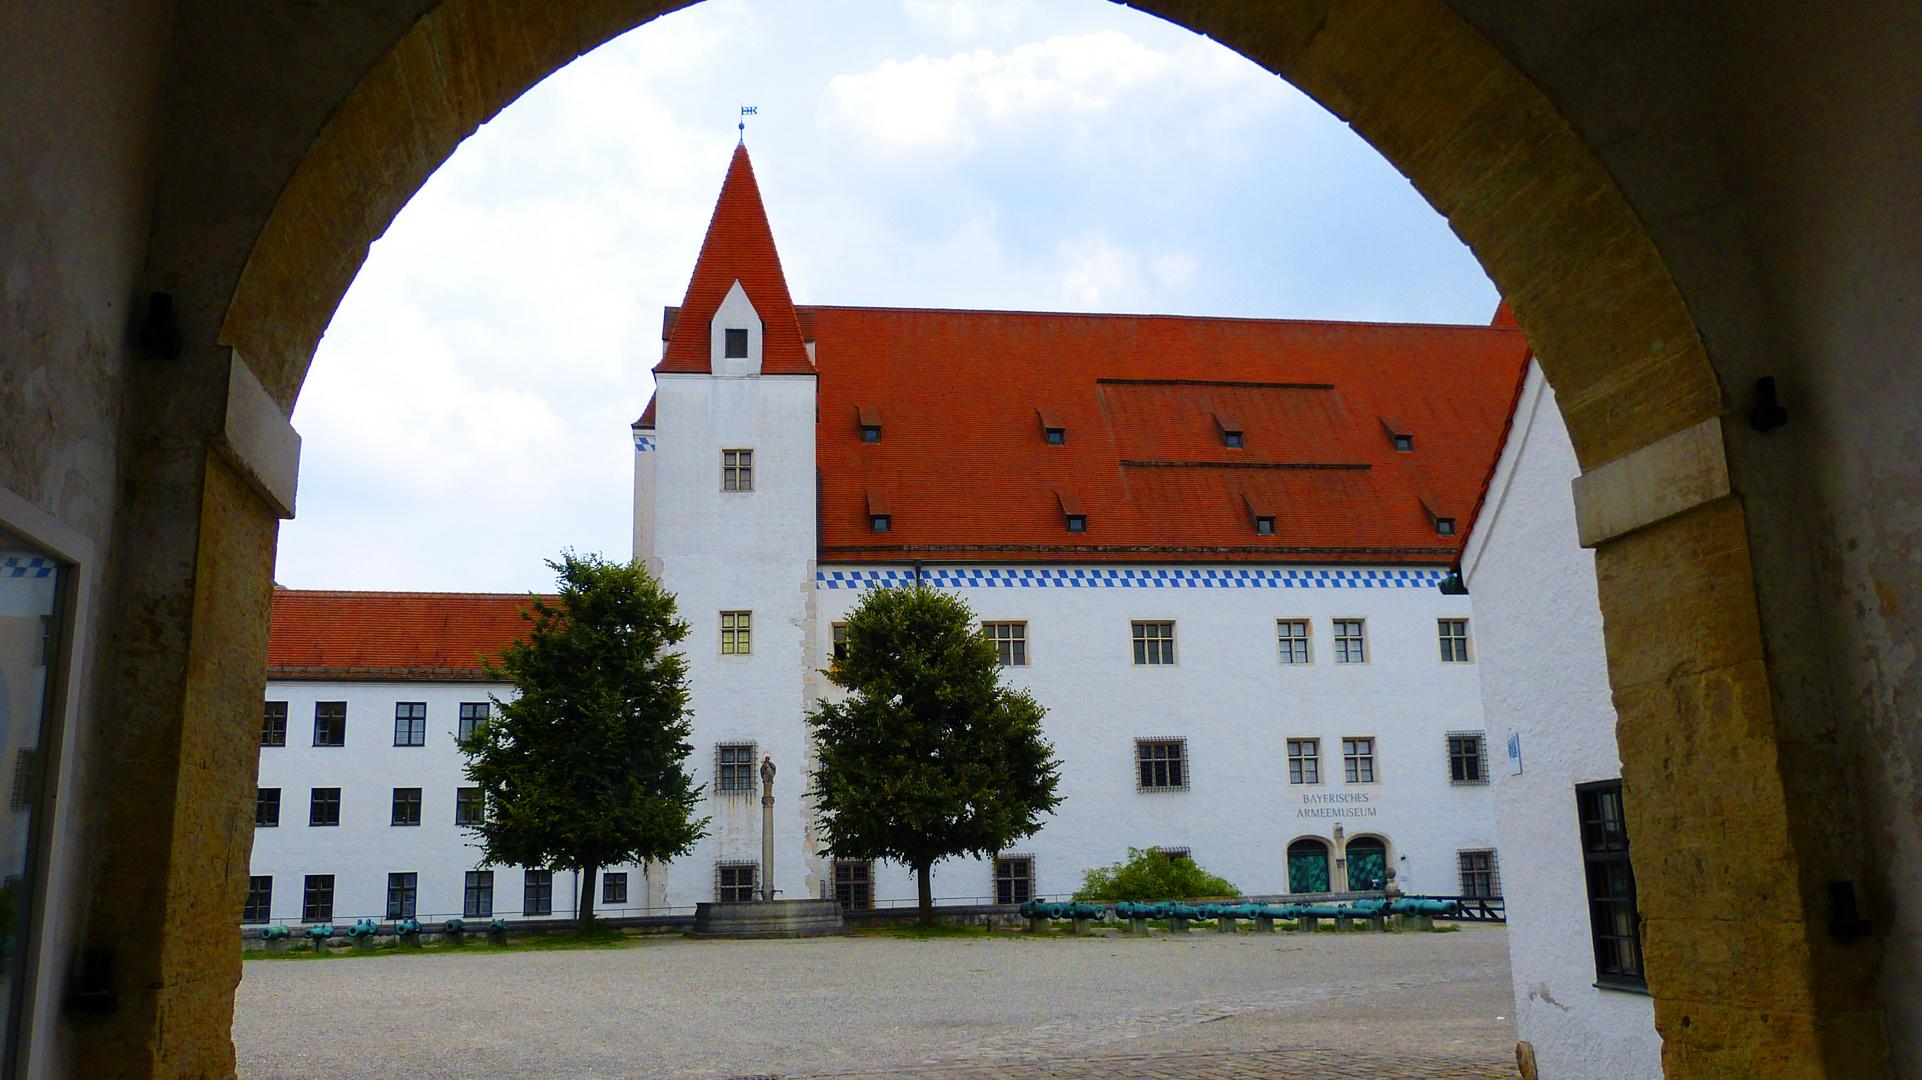 Ingolstadt 11